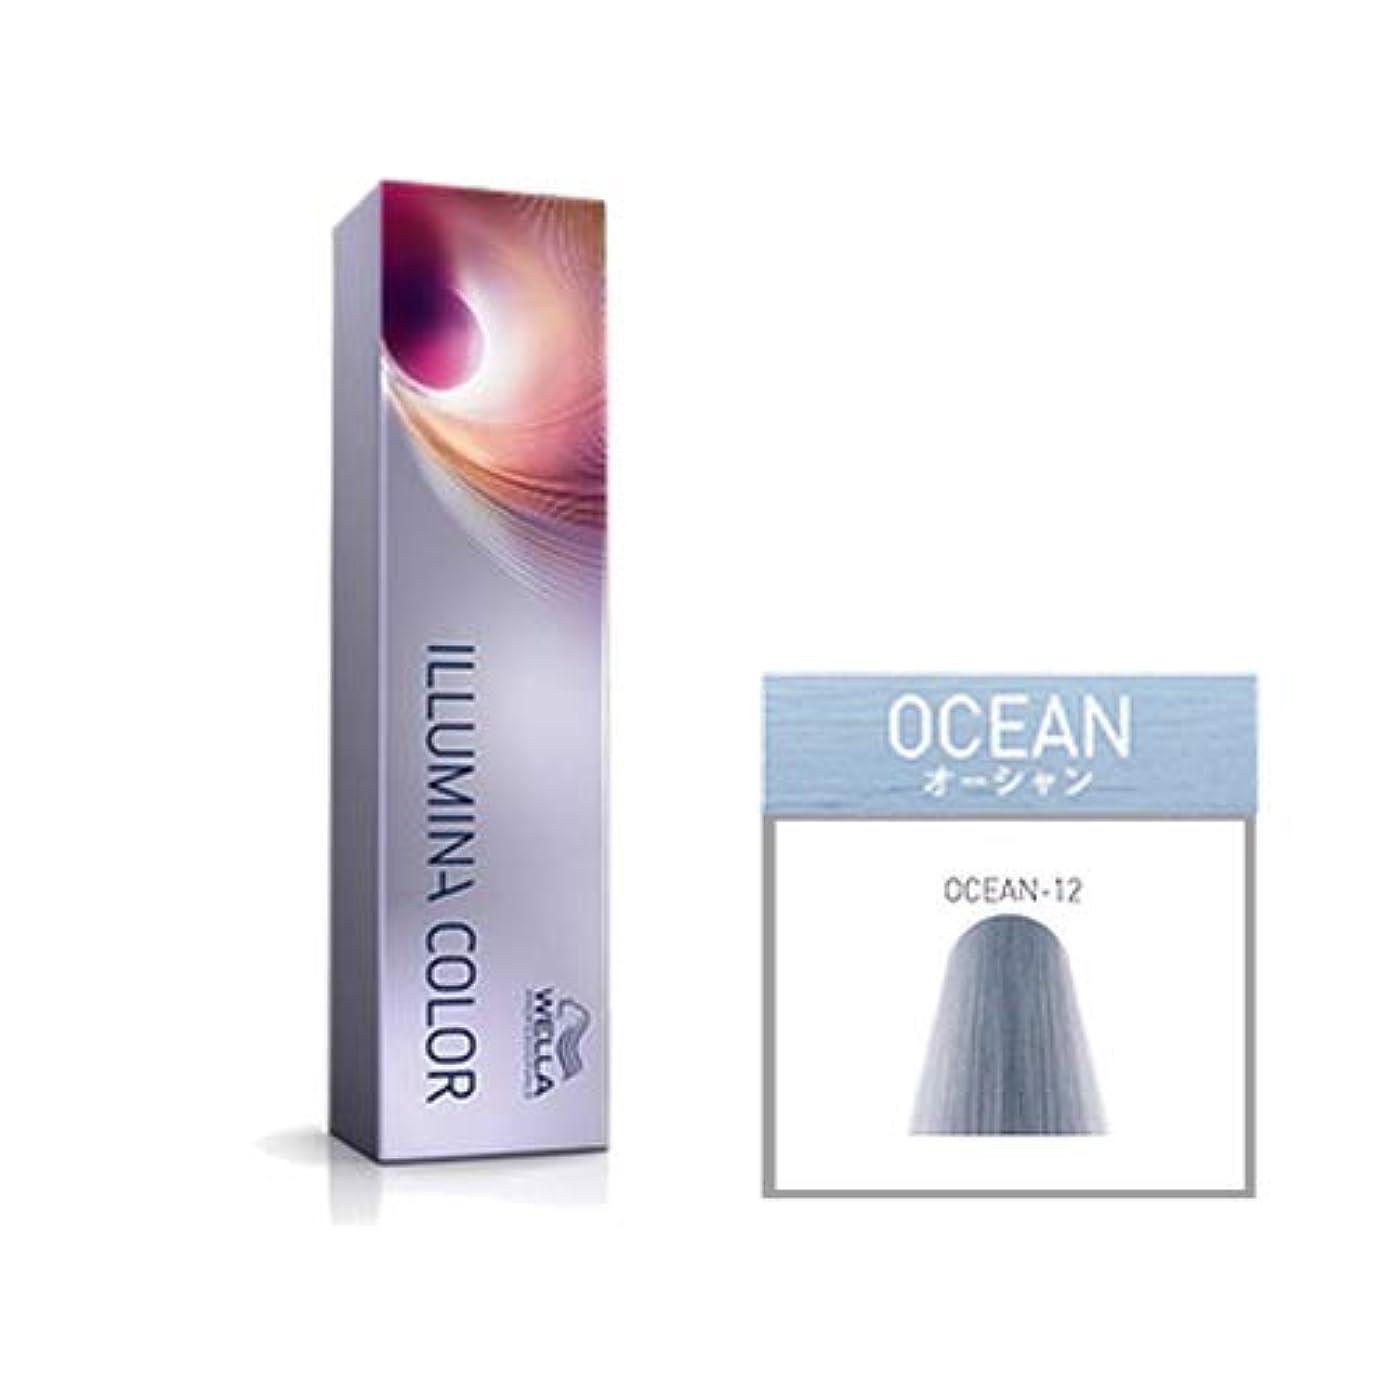 安らぎ切り離す競うウエラ プロフェッショナル イルミナ カラー オーシャン OCEAN-12 80g